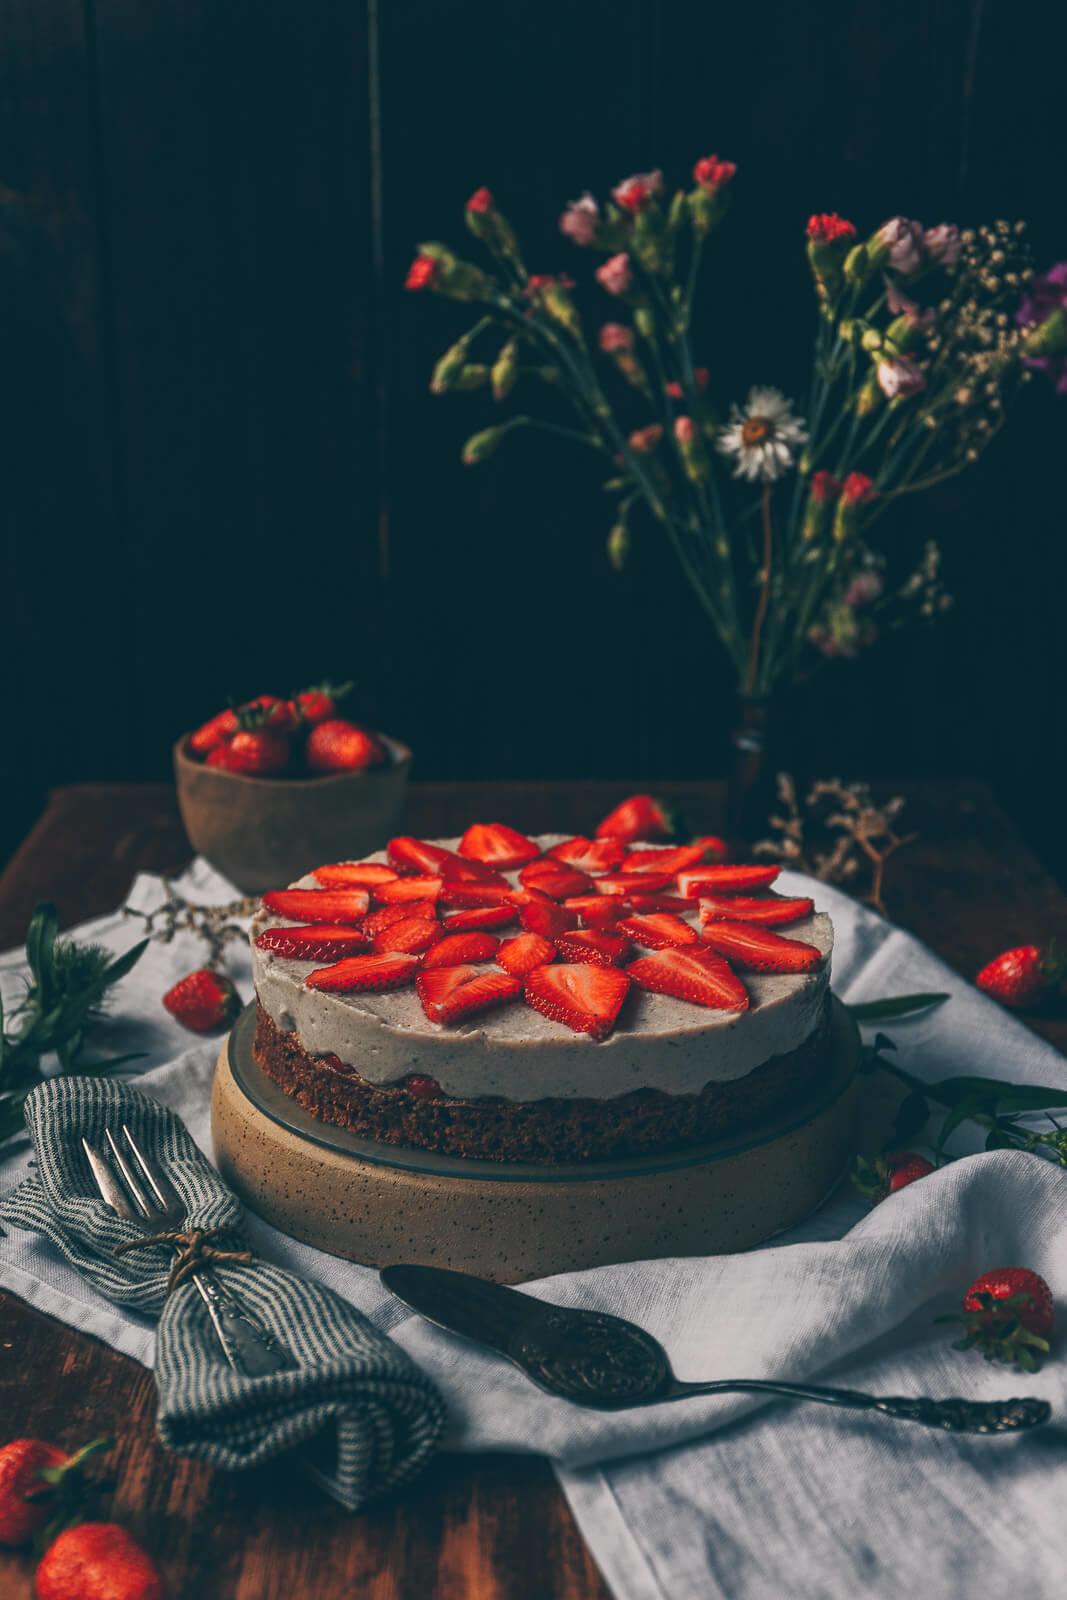 Erdbeerkuchen, Klassischer Erdbeerkuchen, Erdbeerkuchen vegan Rezept, einfacher Erdbeerkuchen vegan, vegan Kuchen Rezept